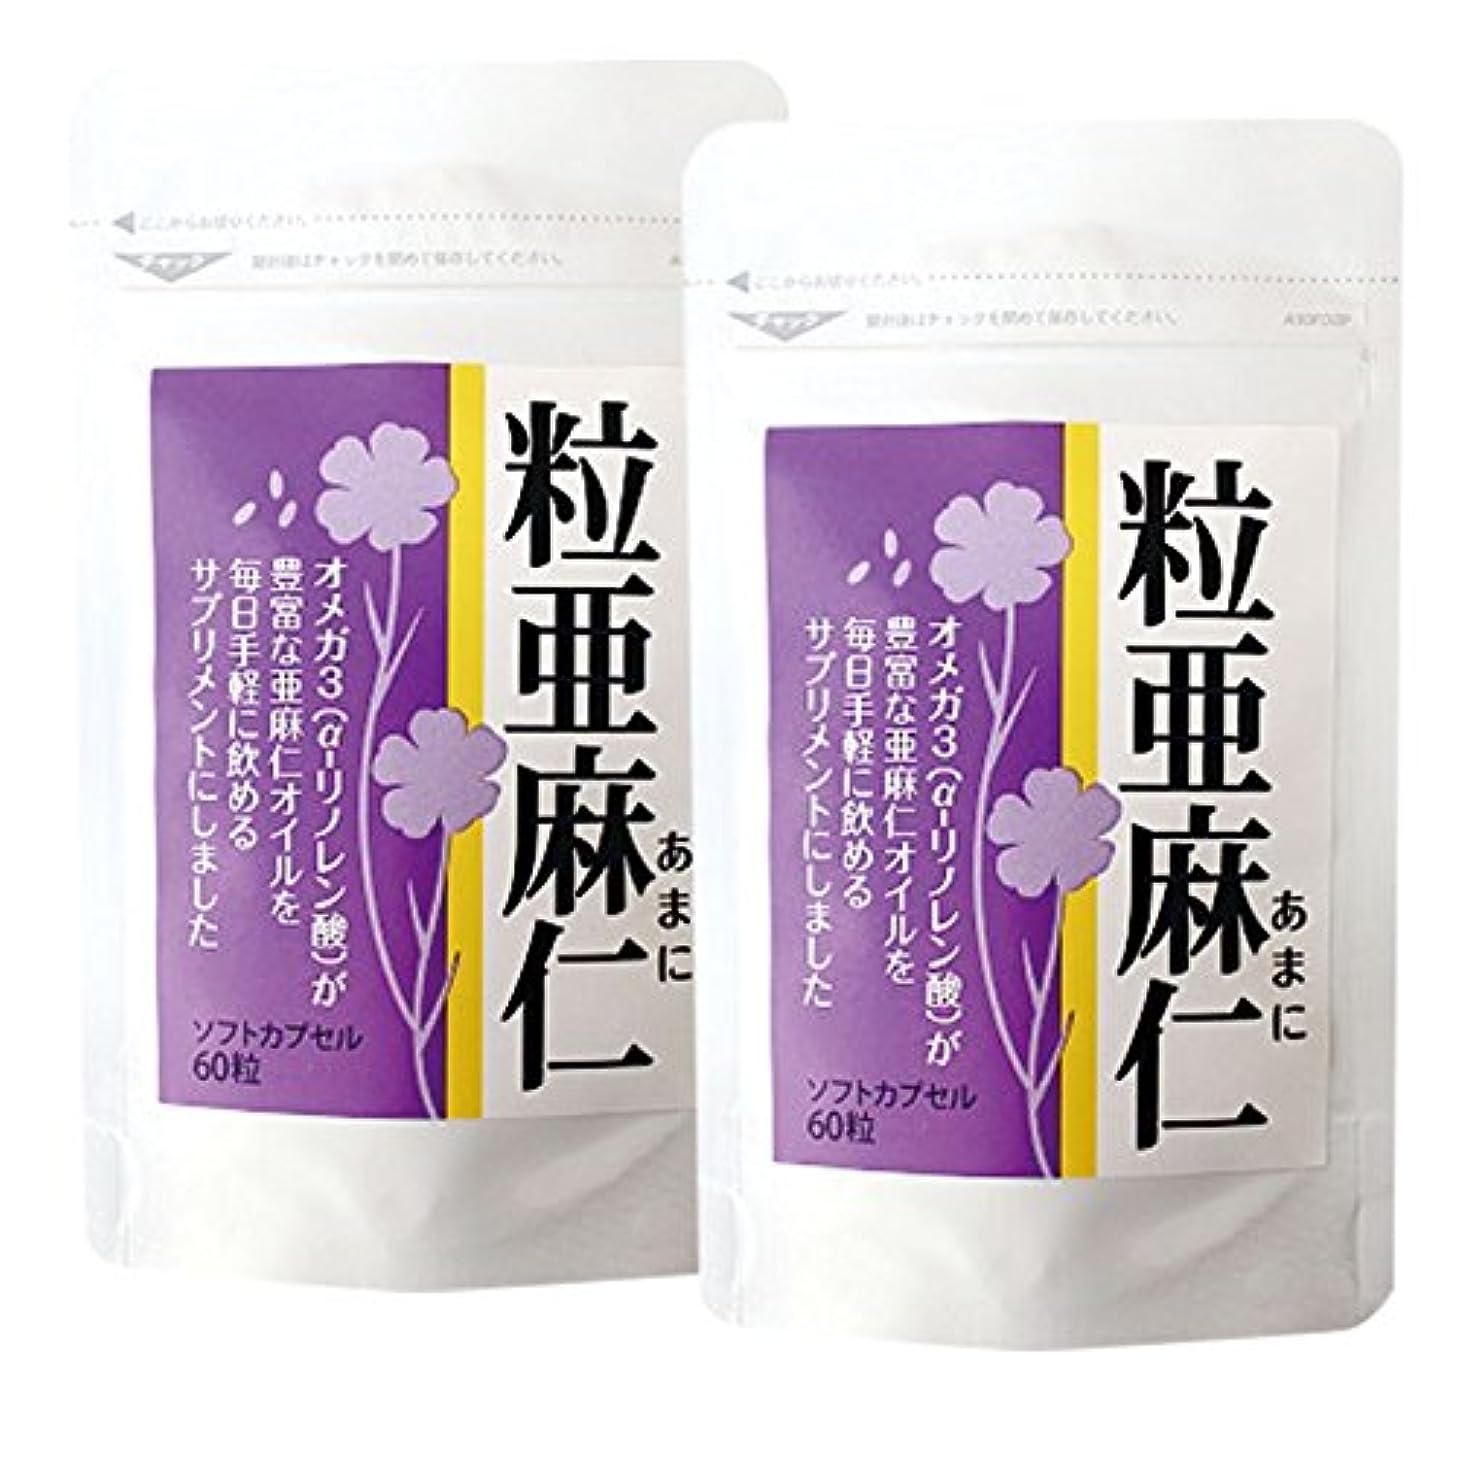 建物葬儀ブース粒亜麻仁(60粒)×2袋セット